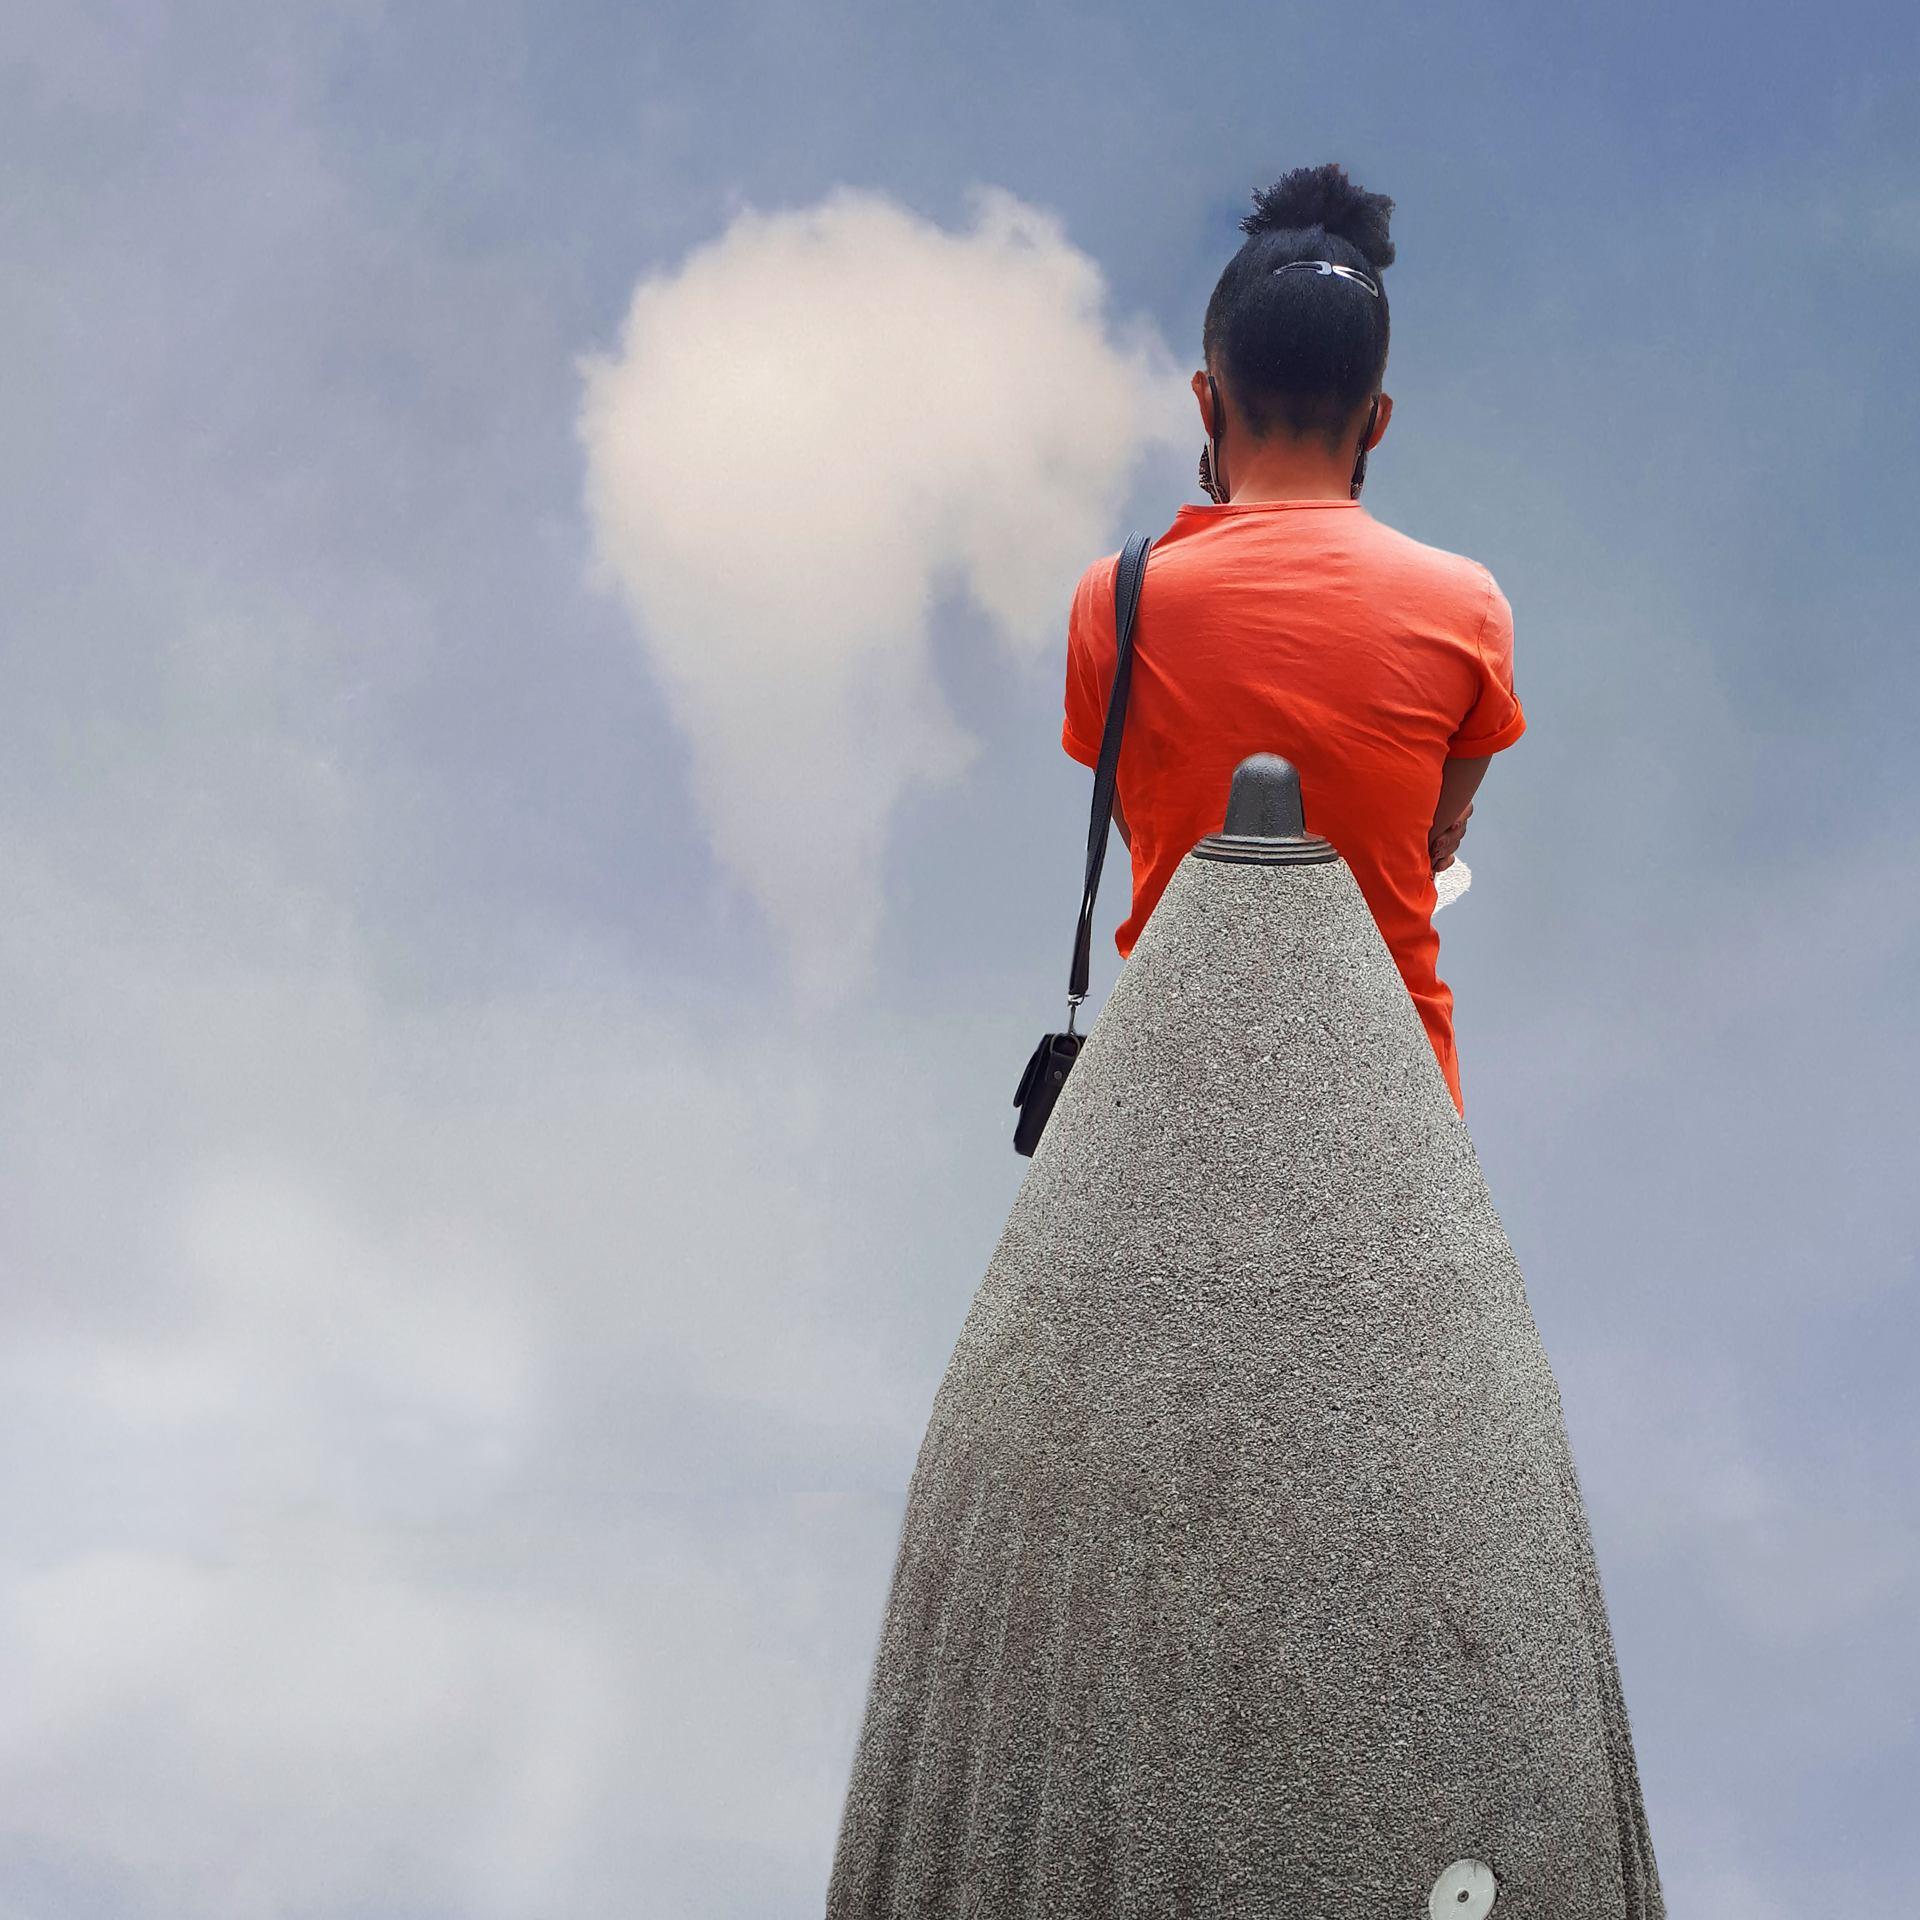 Tête dans le nuage